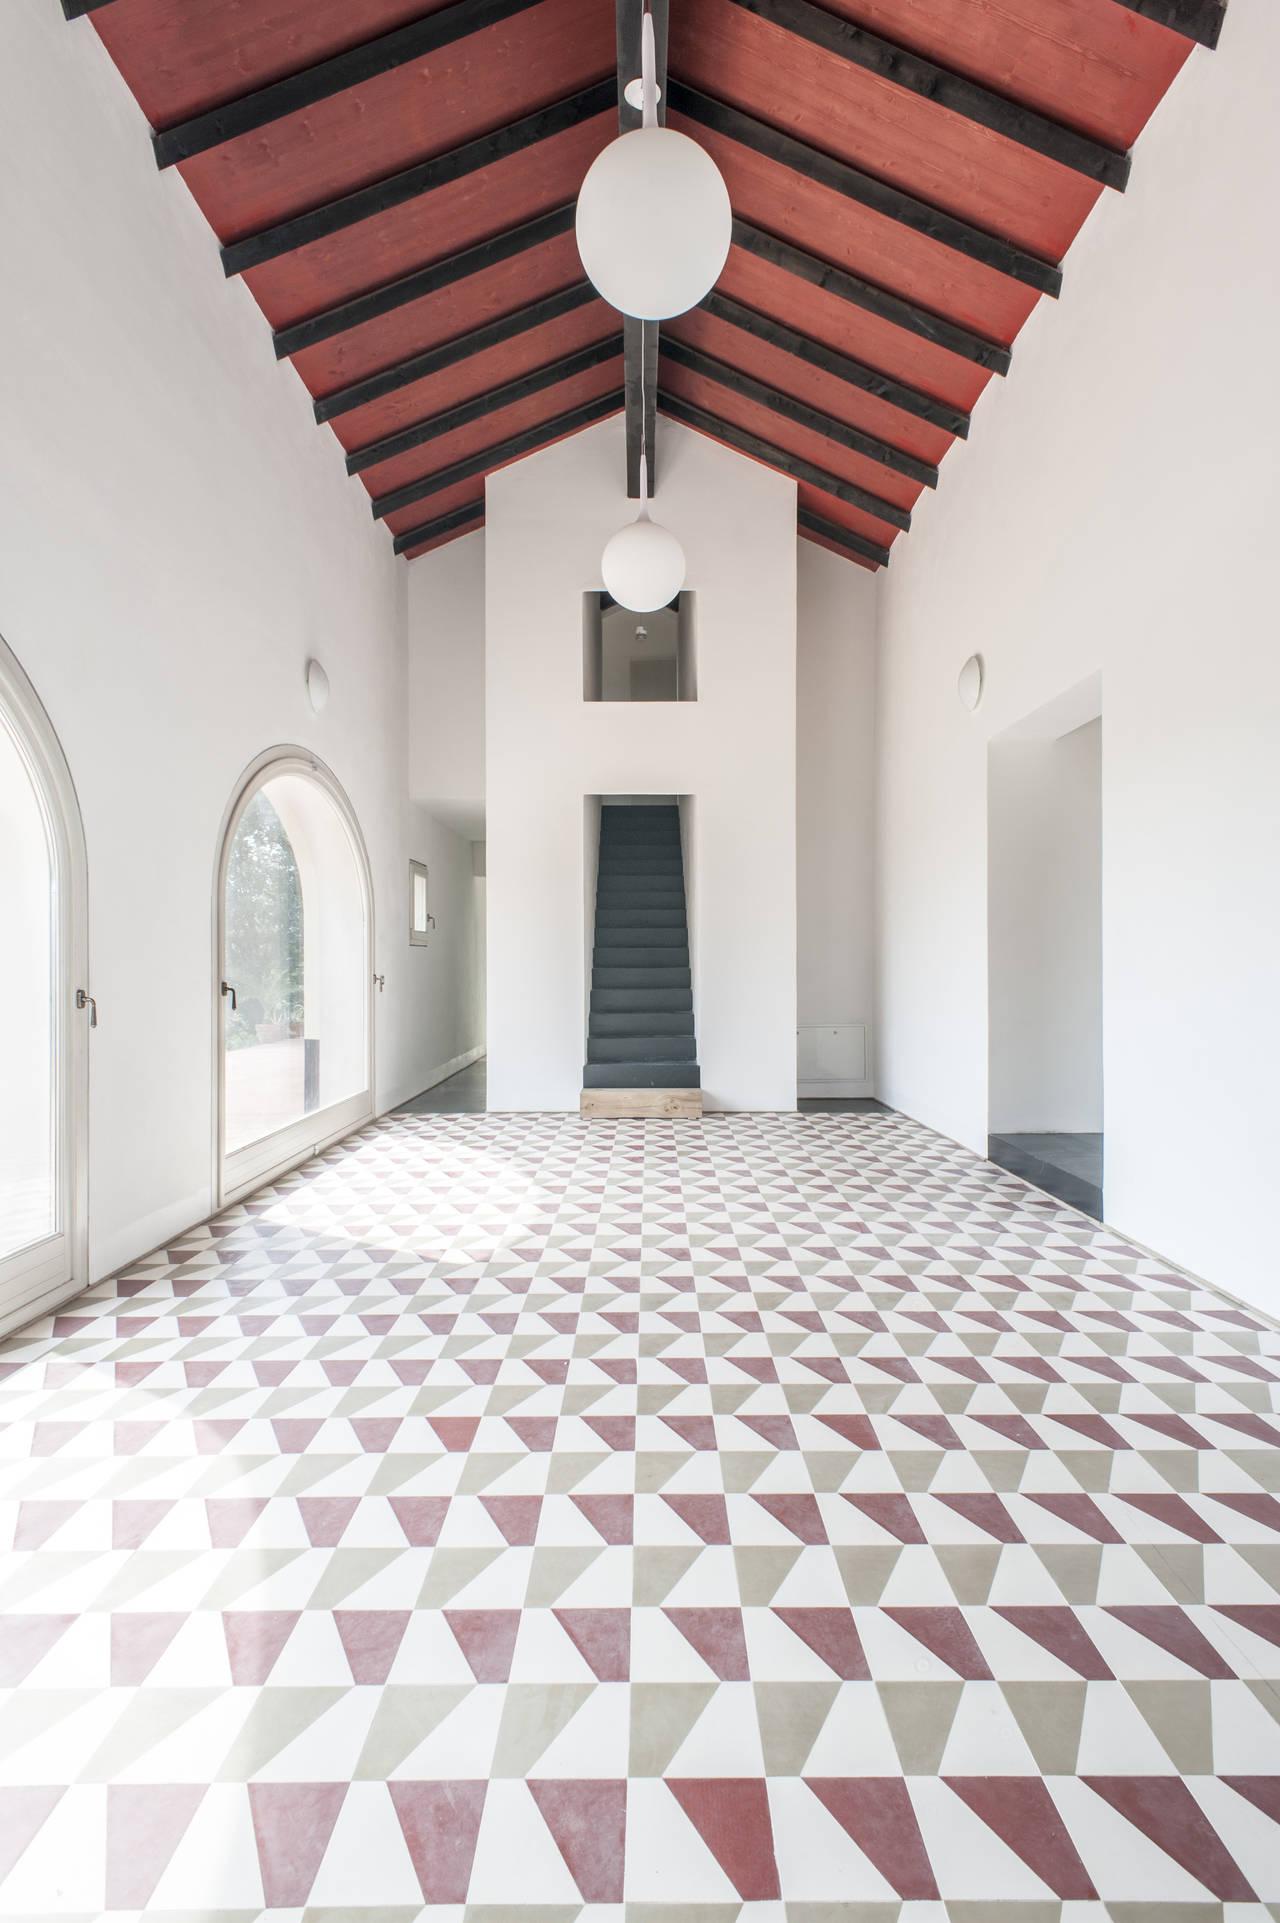 Borgo Merlassino (photo by Lugi Bartoli, Gabriele Leo, Fondazione La Raia)